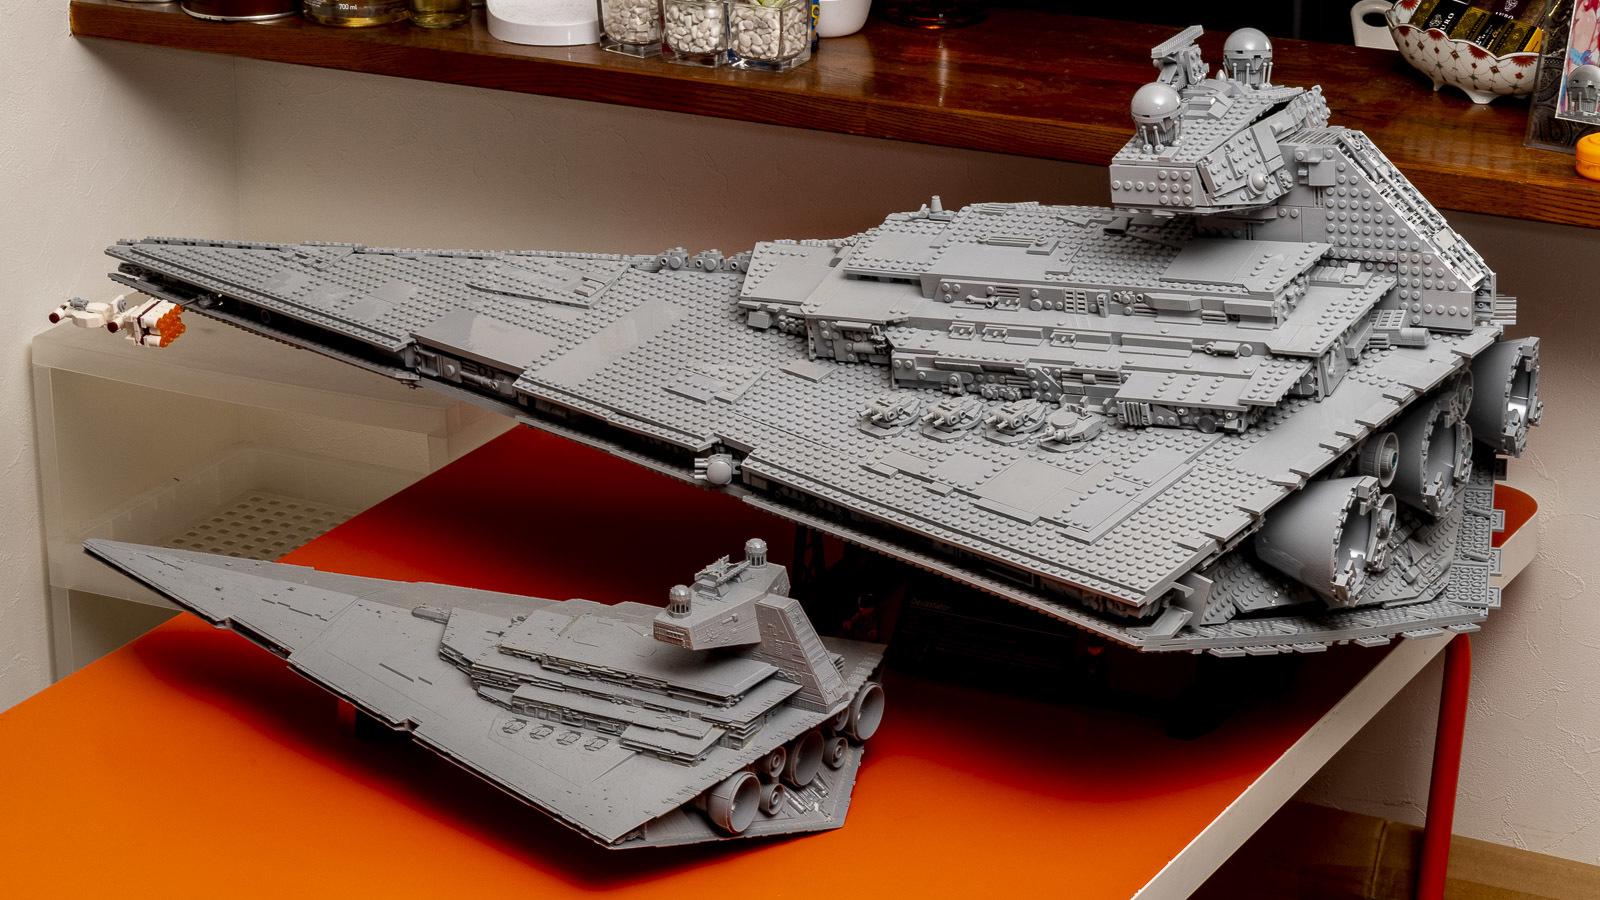 全長1mオーバー、LEGOで組む巨大なスター・デストロイヤーに本物の「優しさ」を感じた話_b0029315_18330732.jpg